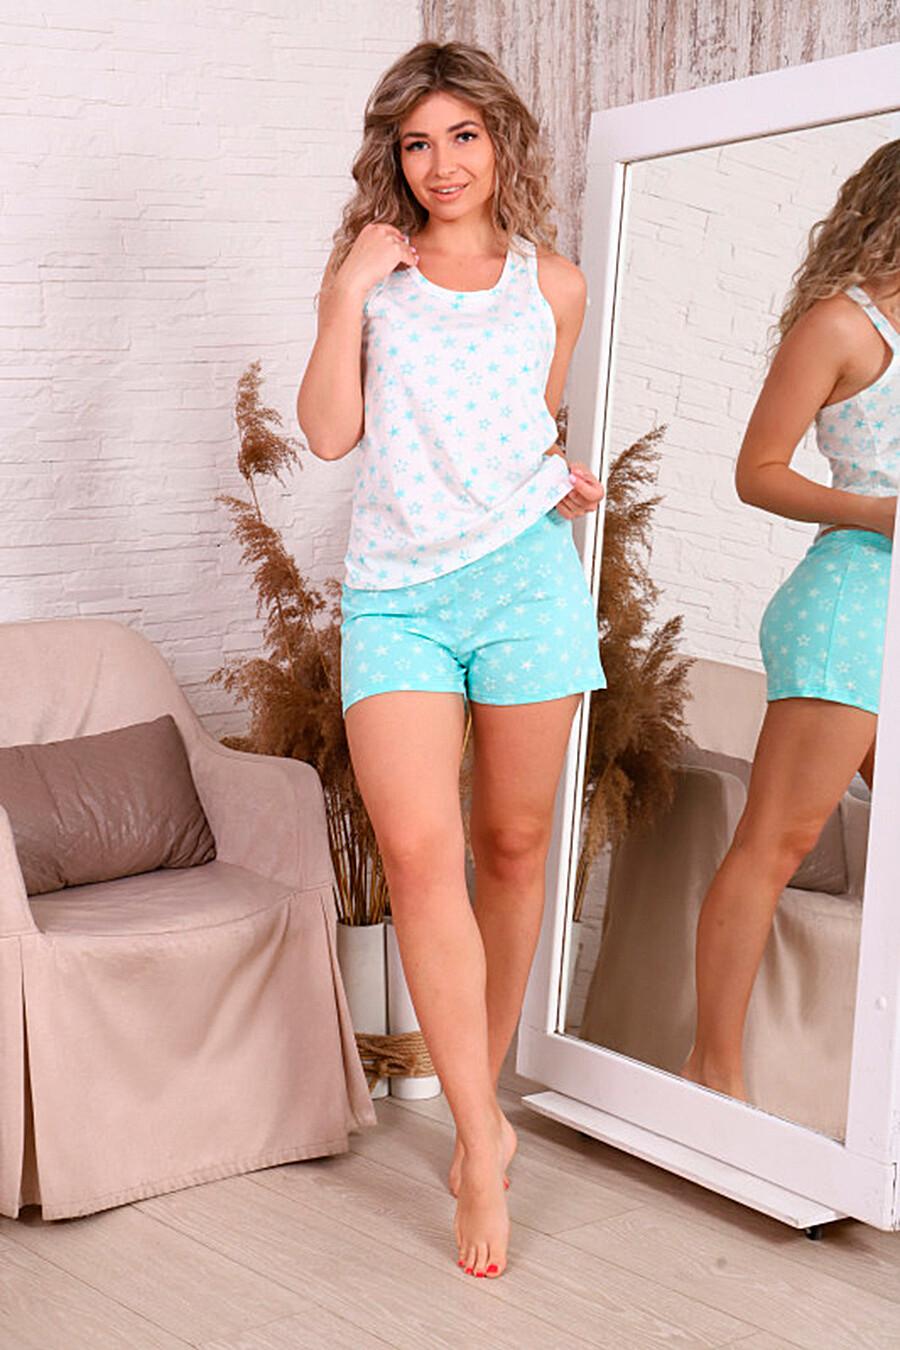 Пижама для женщин SOFIYA37 668345 купить оптом от производителя. Совместная покупка женской одежды в OptMoyo